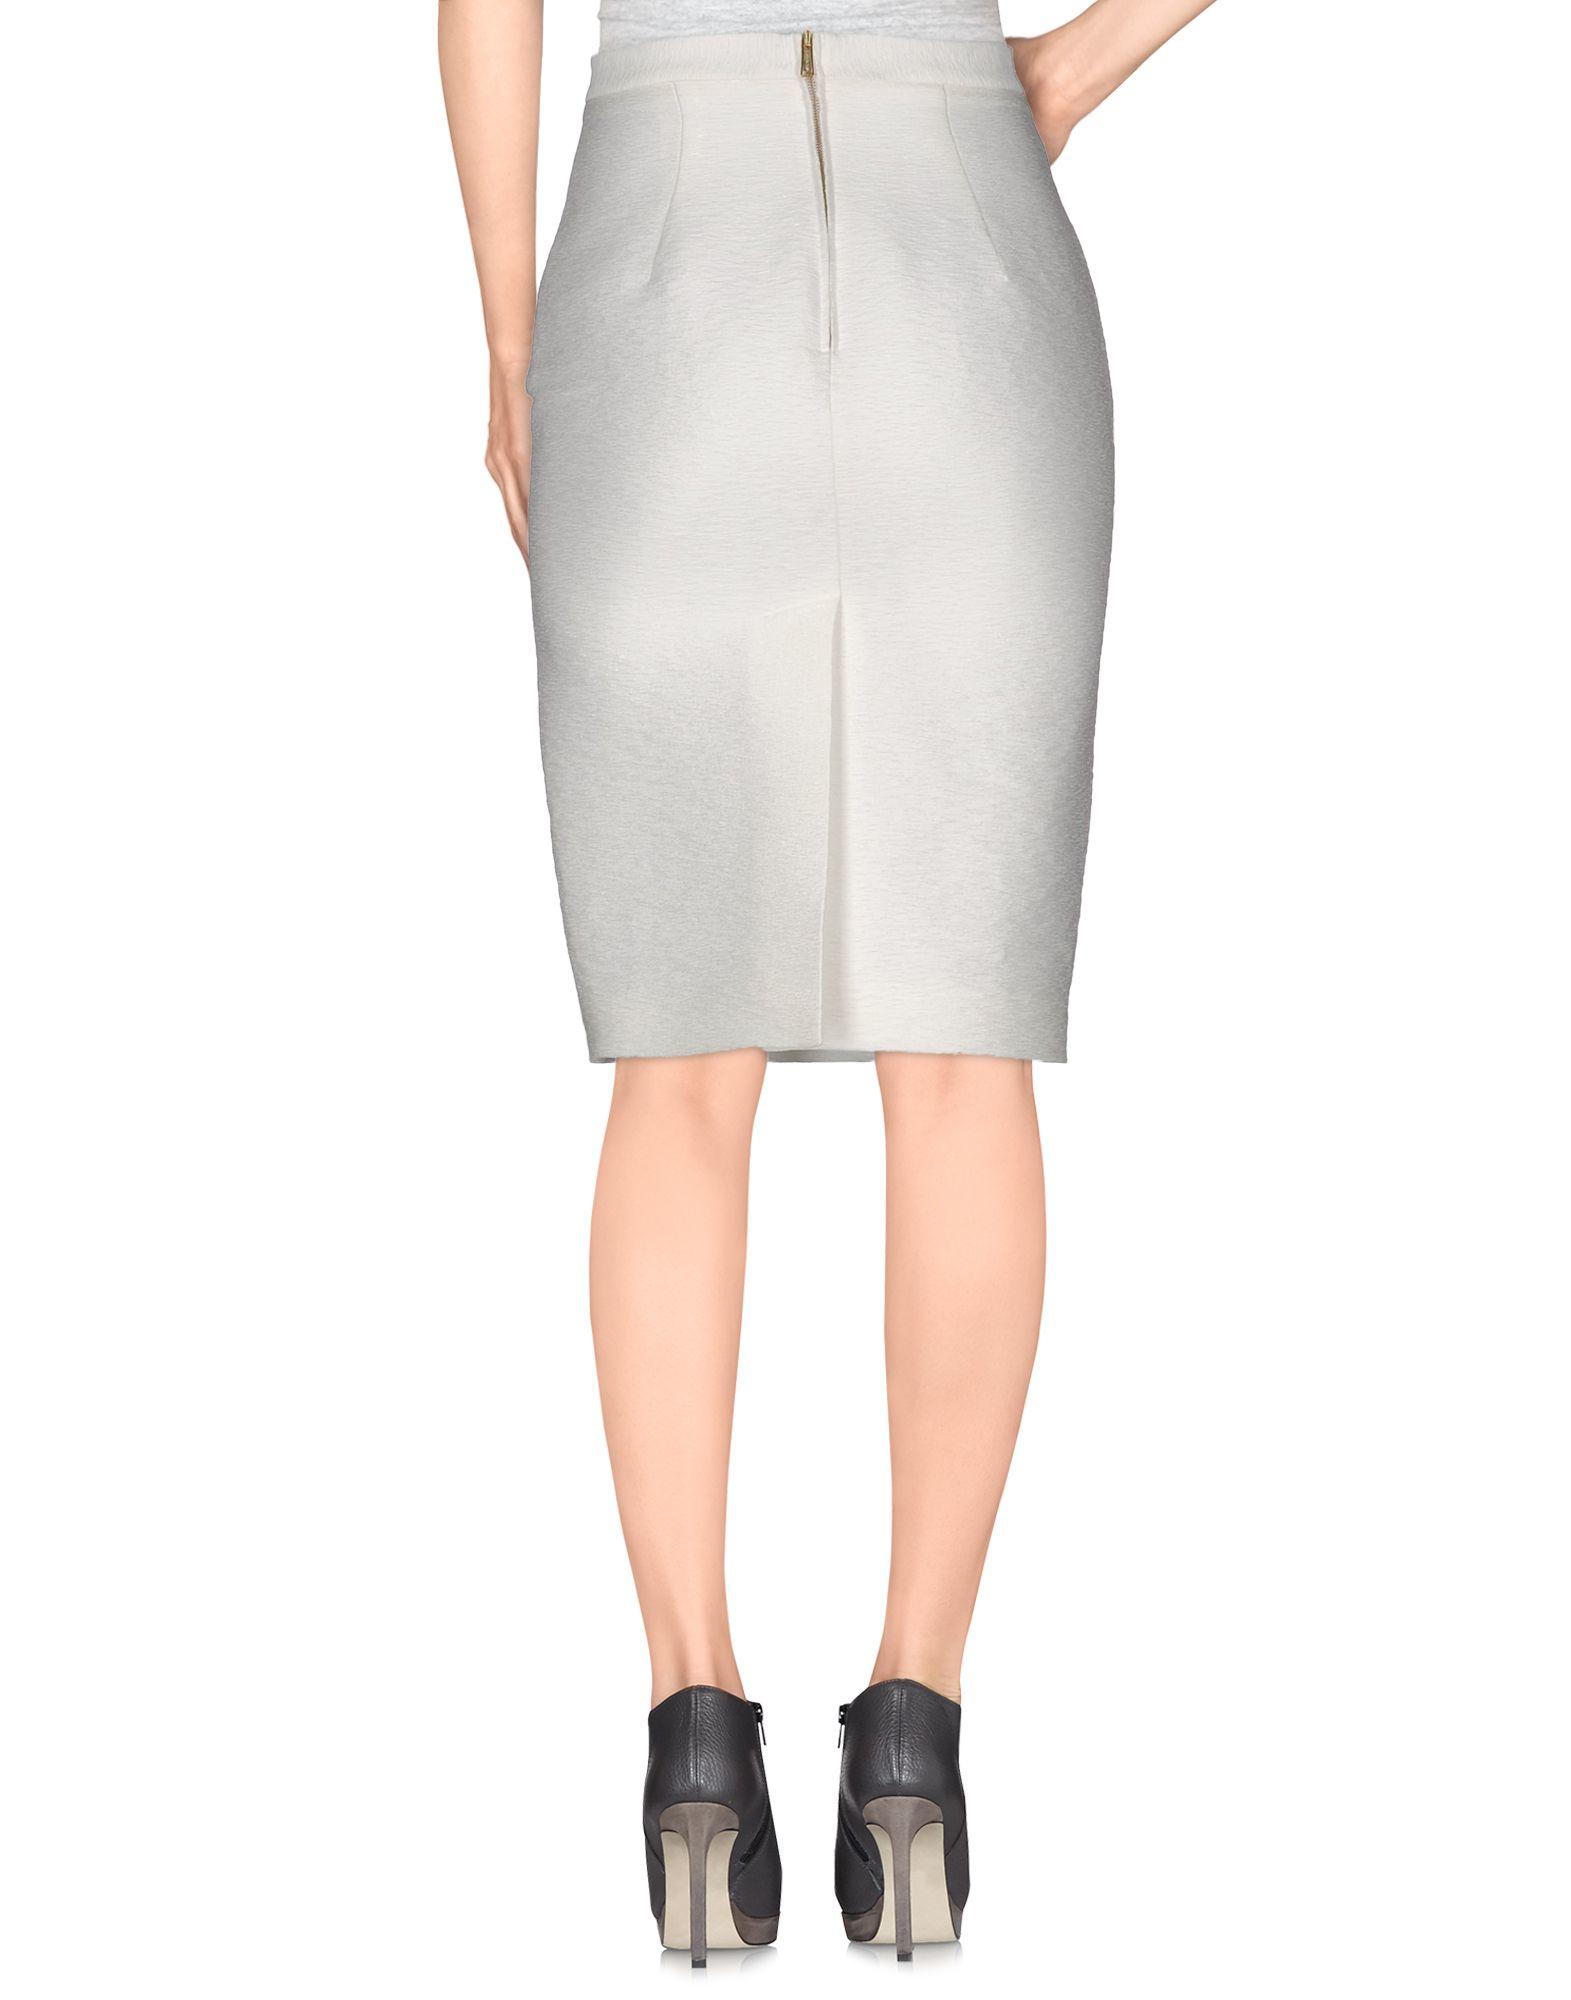 dsquared 178 knee length skirt in white lyst